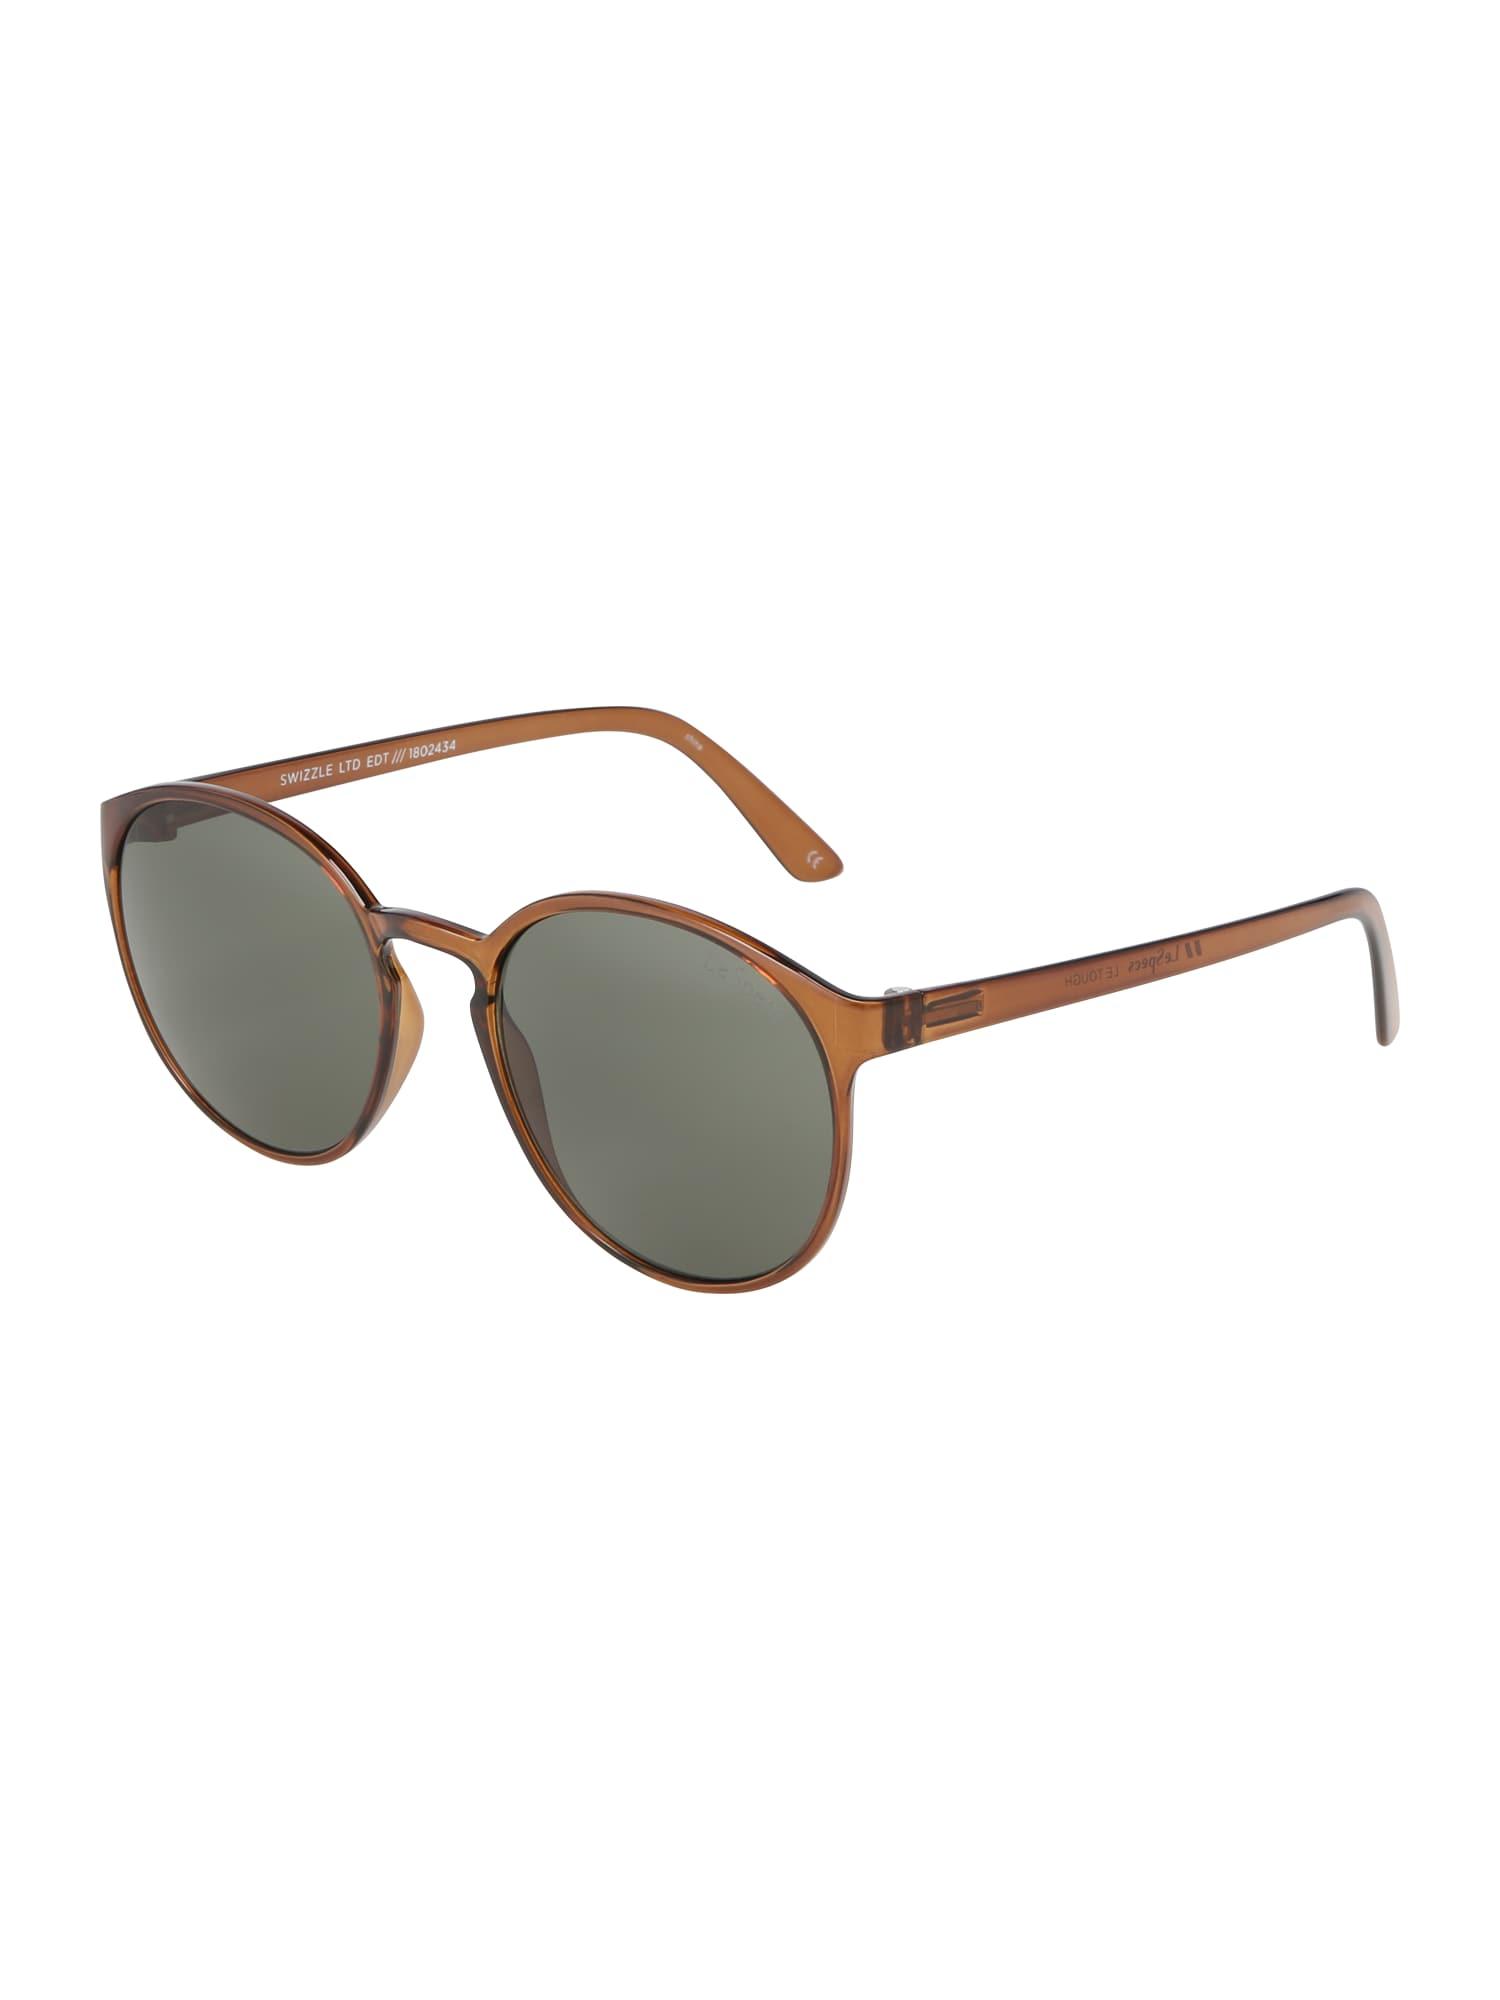 Sluneční brýle Swizzle hnědá khaki LE SPECS